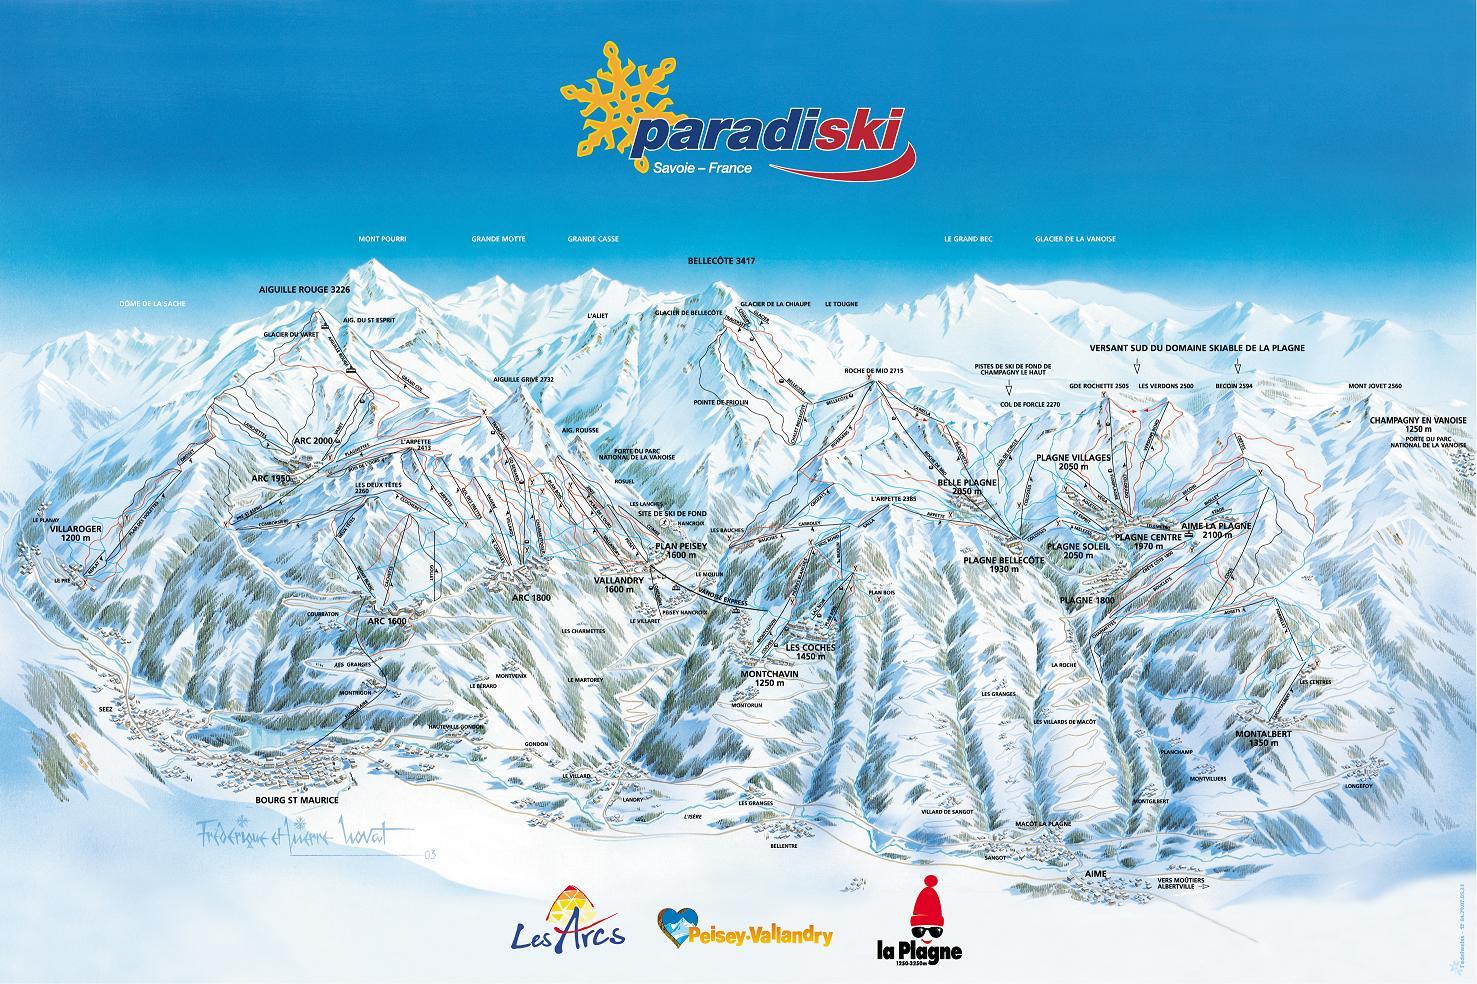 Champagny en Vanoise Ski Champagny en Vanoise Piste Map